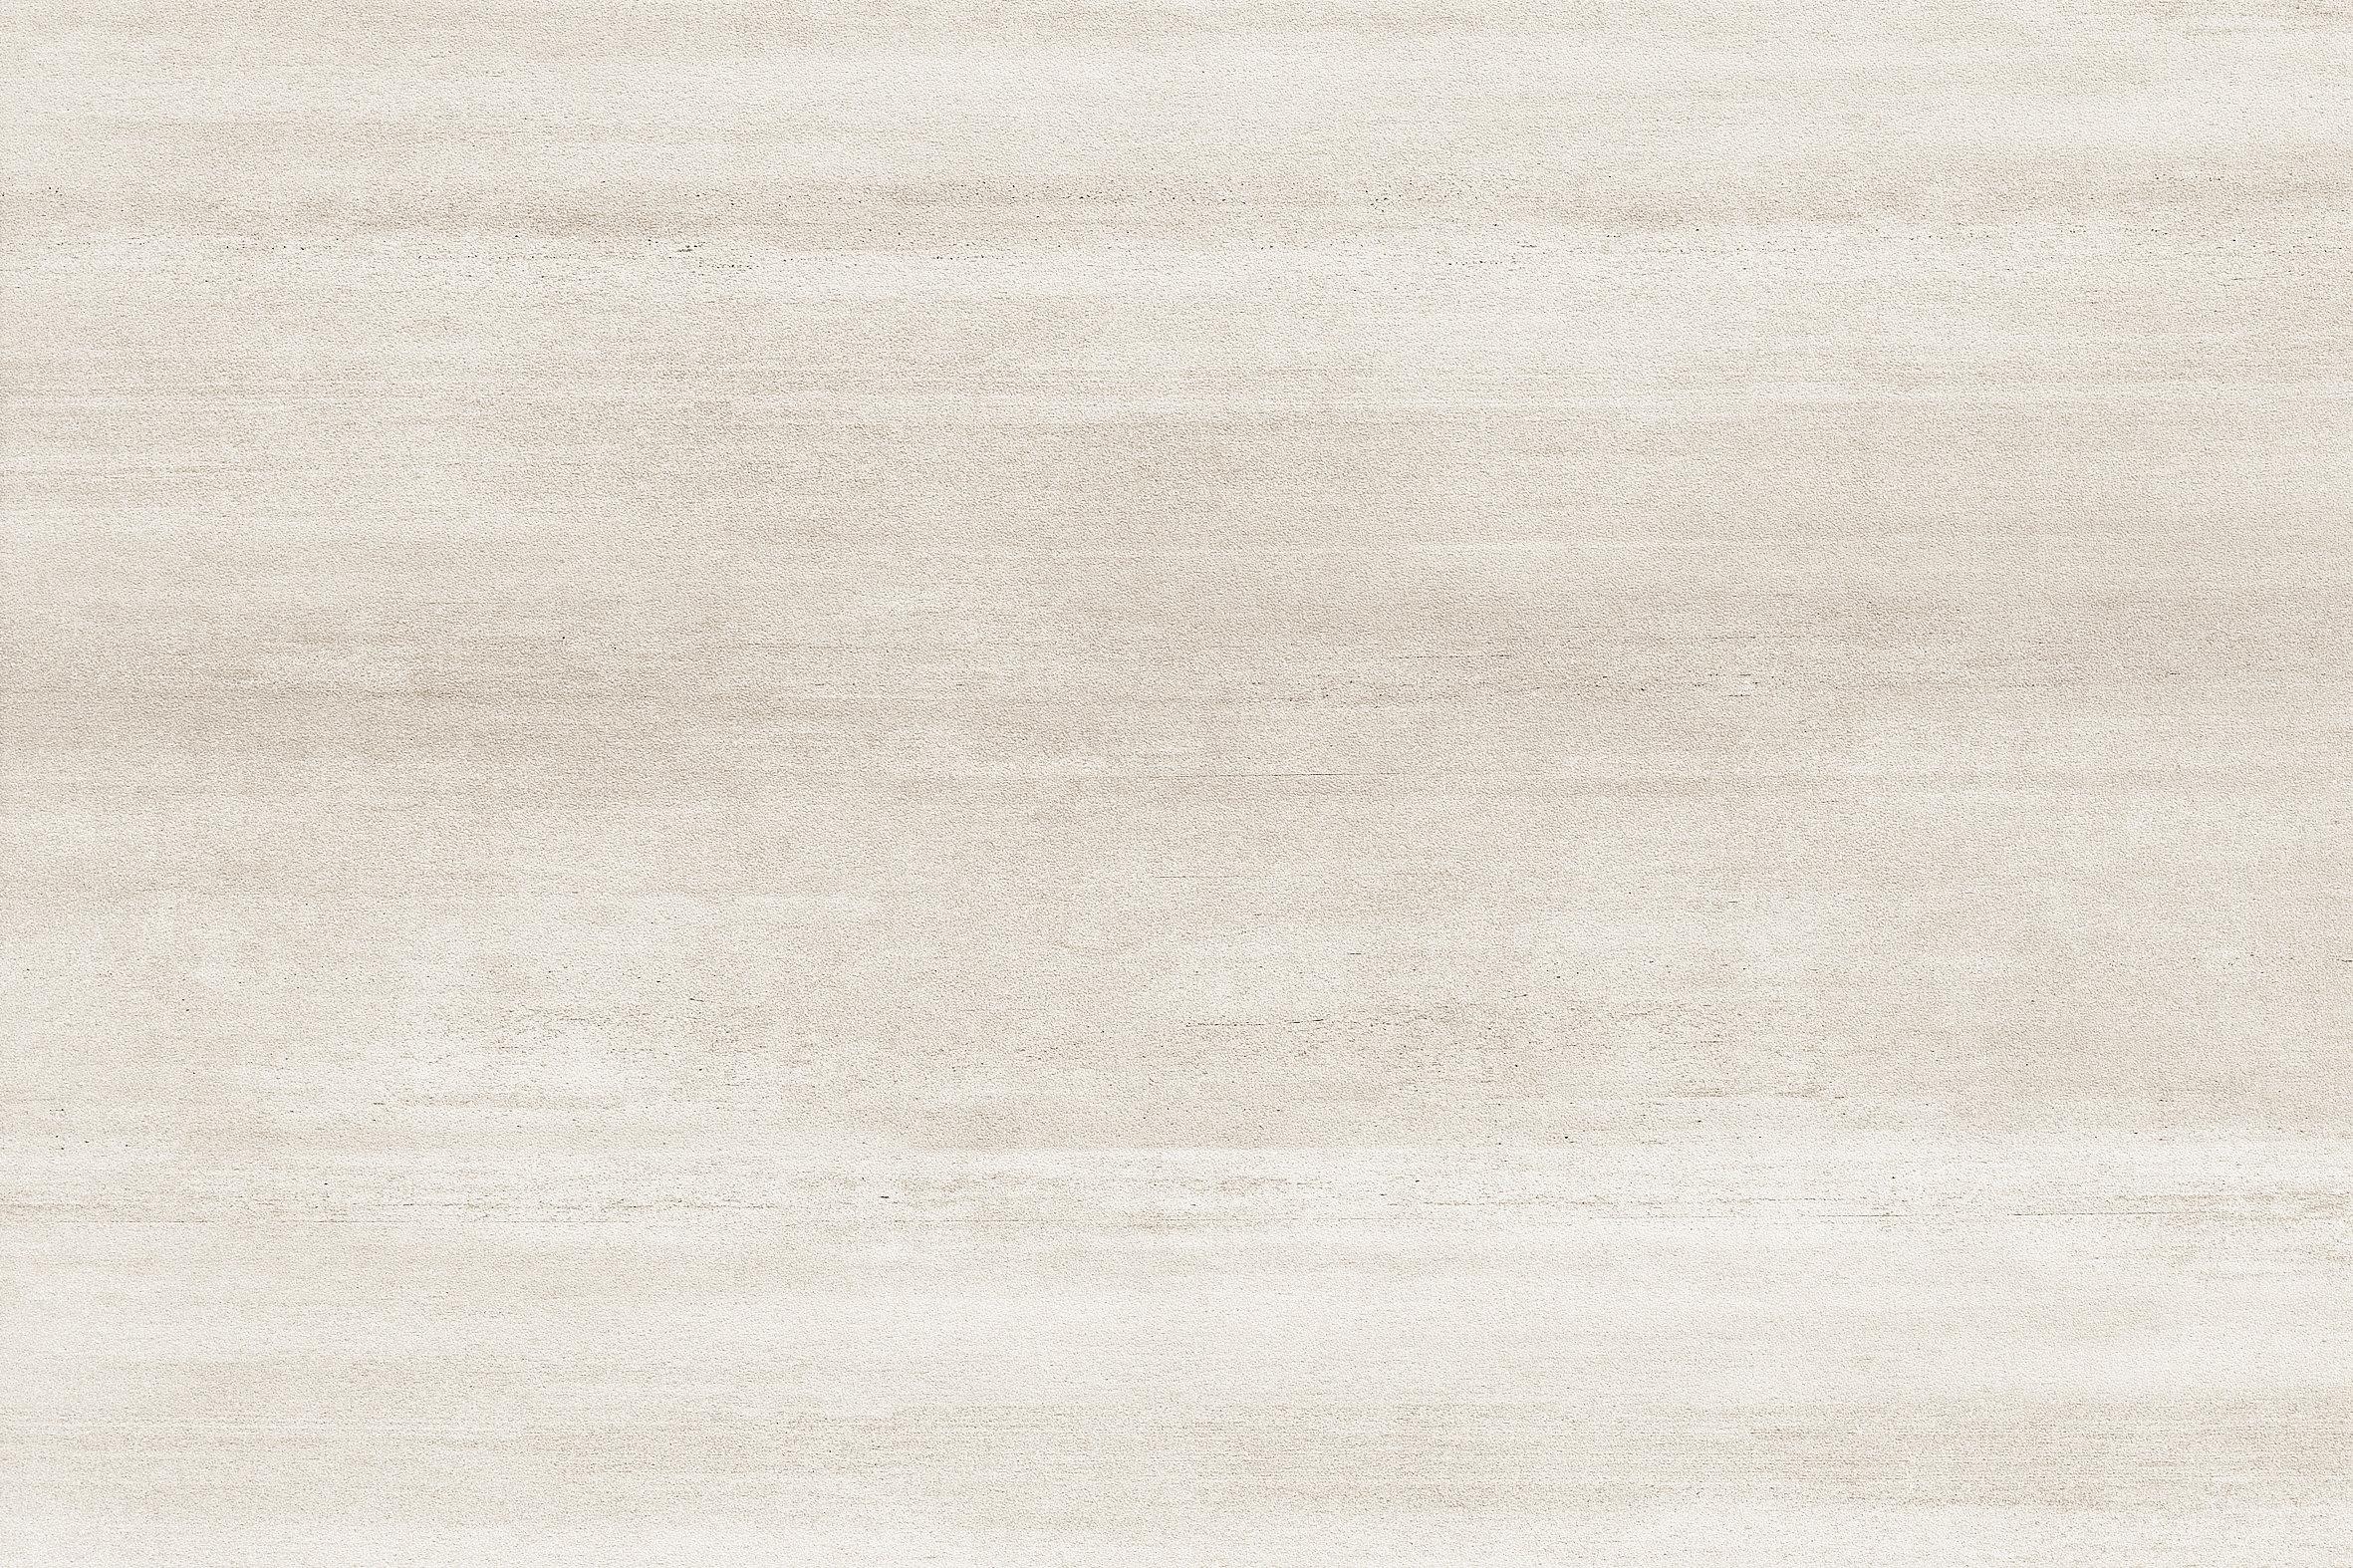 金属灰水泥砖CGB6921-K